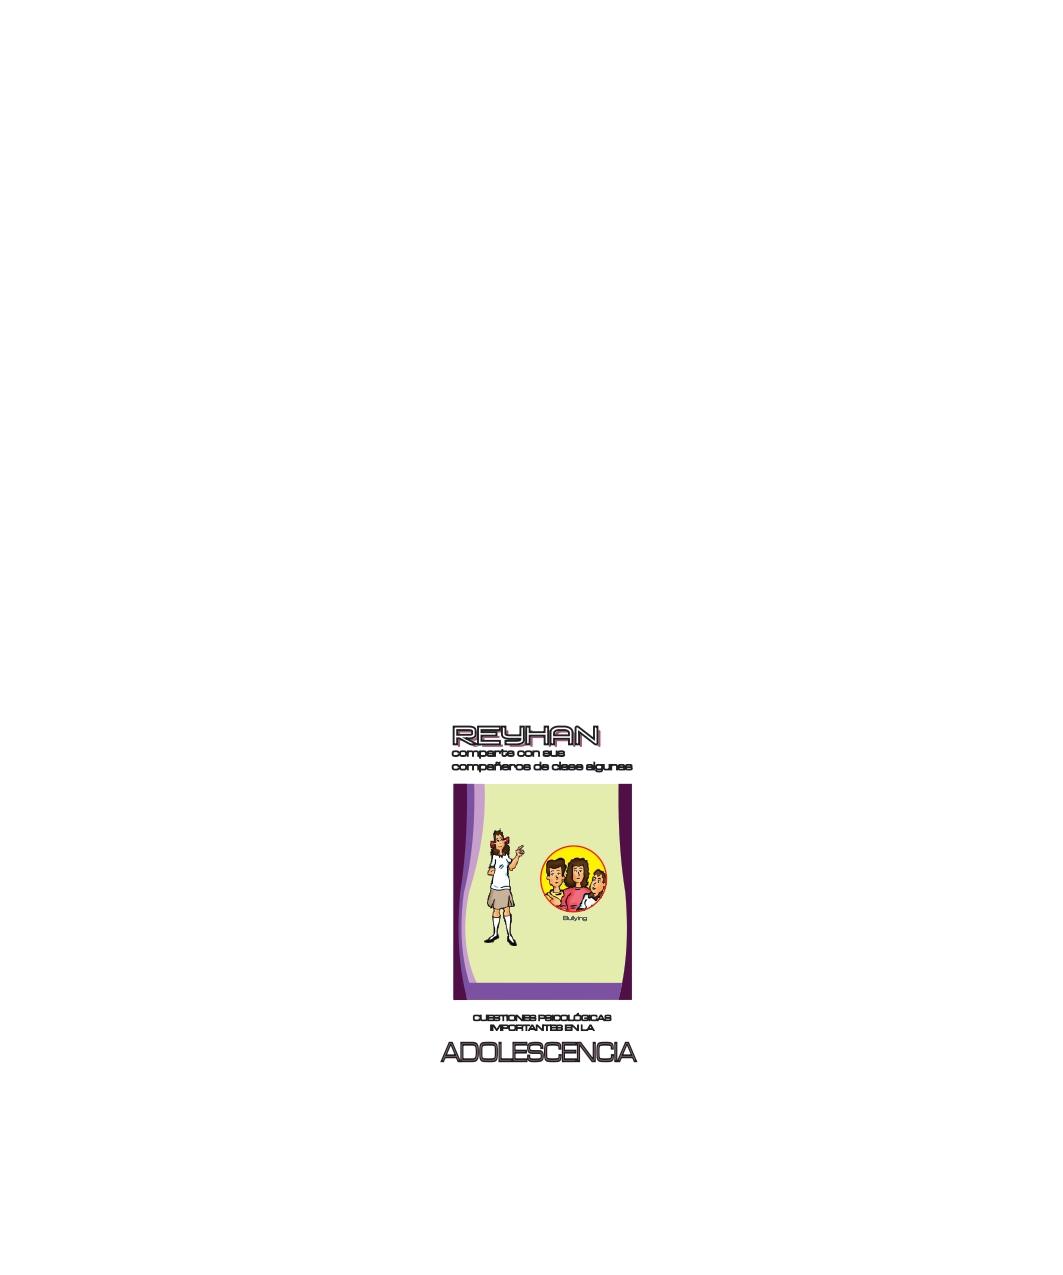 Psicología adolescentes Reyhan cap3 digital_page-0023